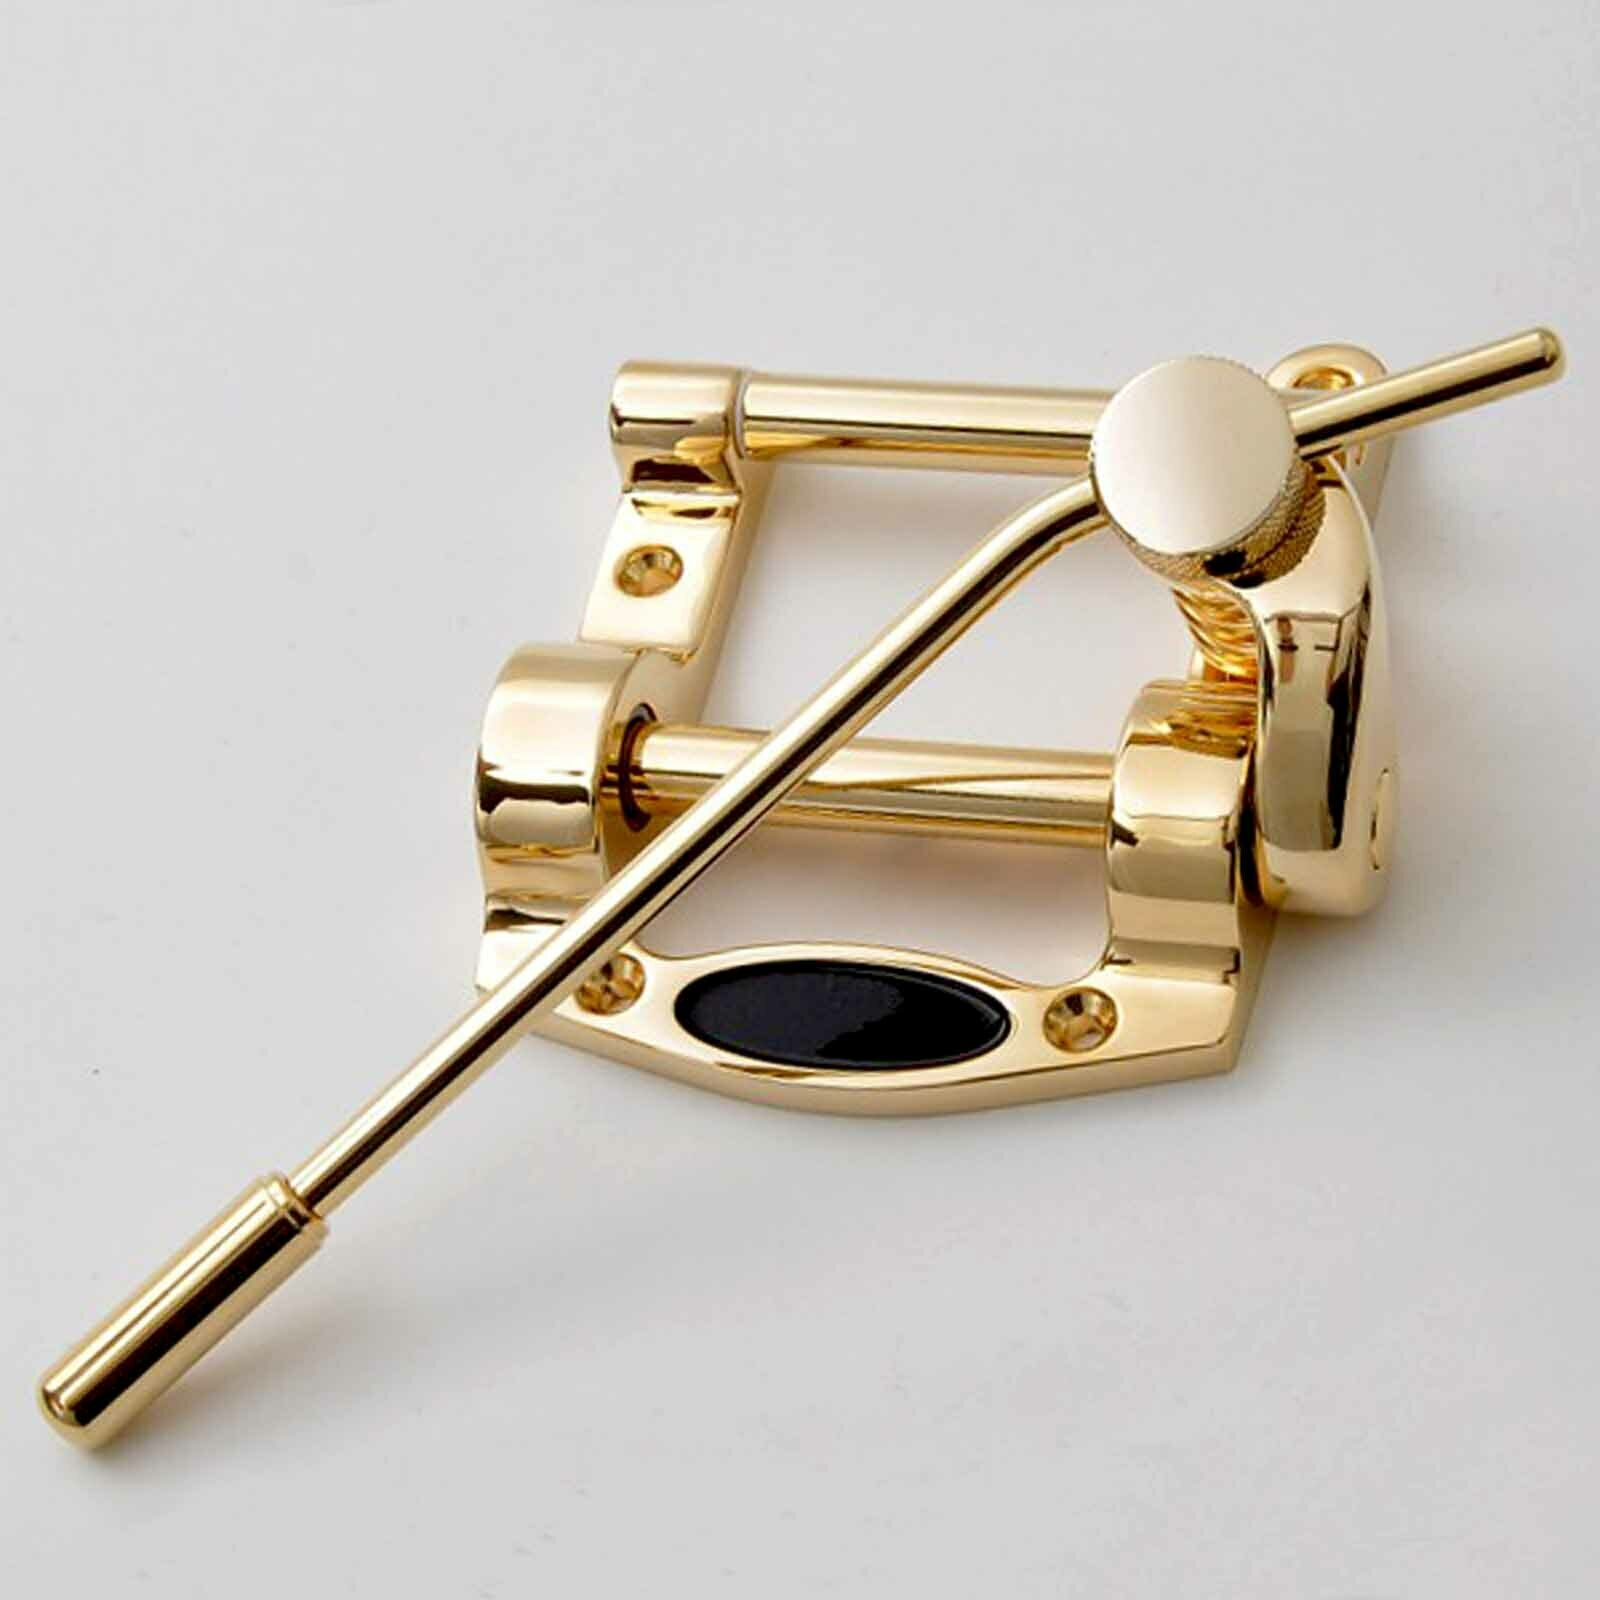 Goldo g5 tremolo flatptableguitars telesg.ähnliche bigby b5 duesenberg tdbsn Gold